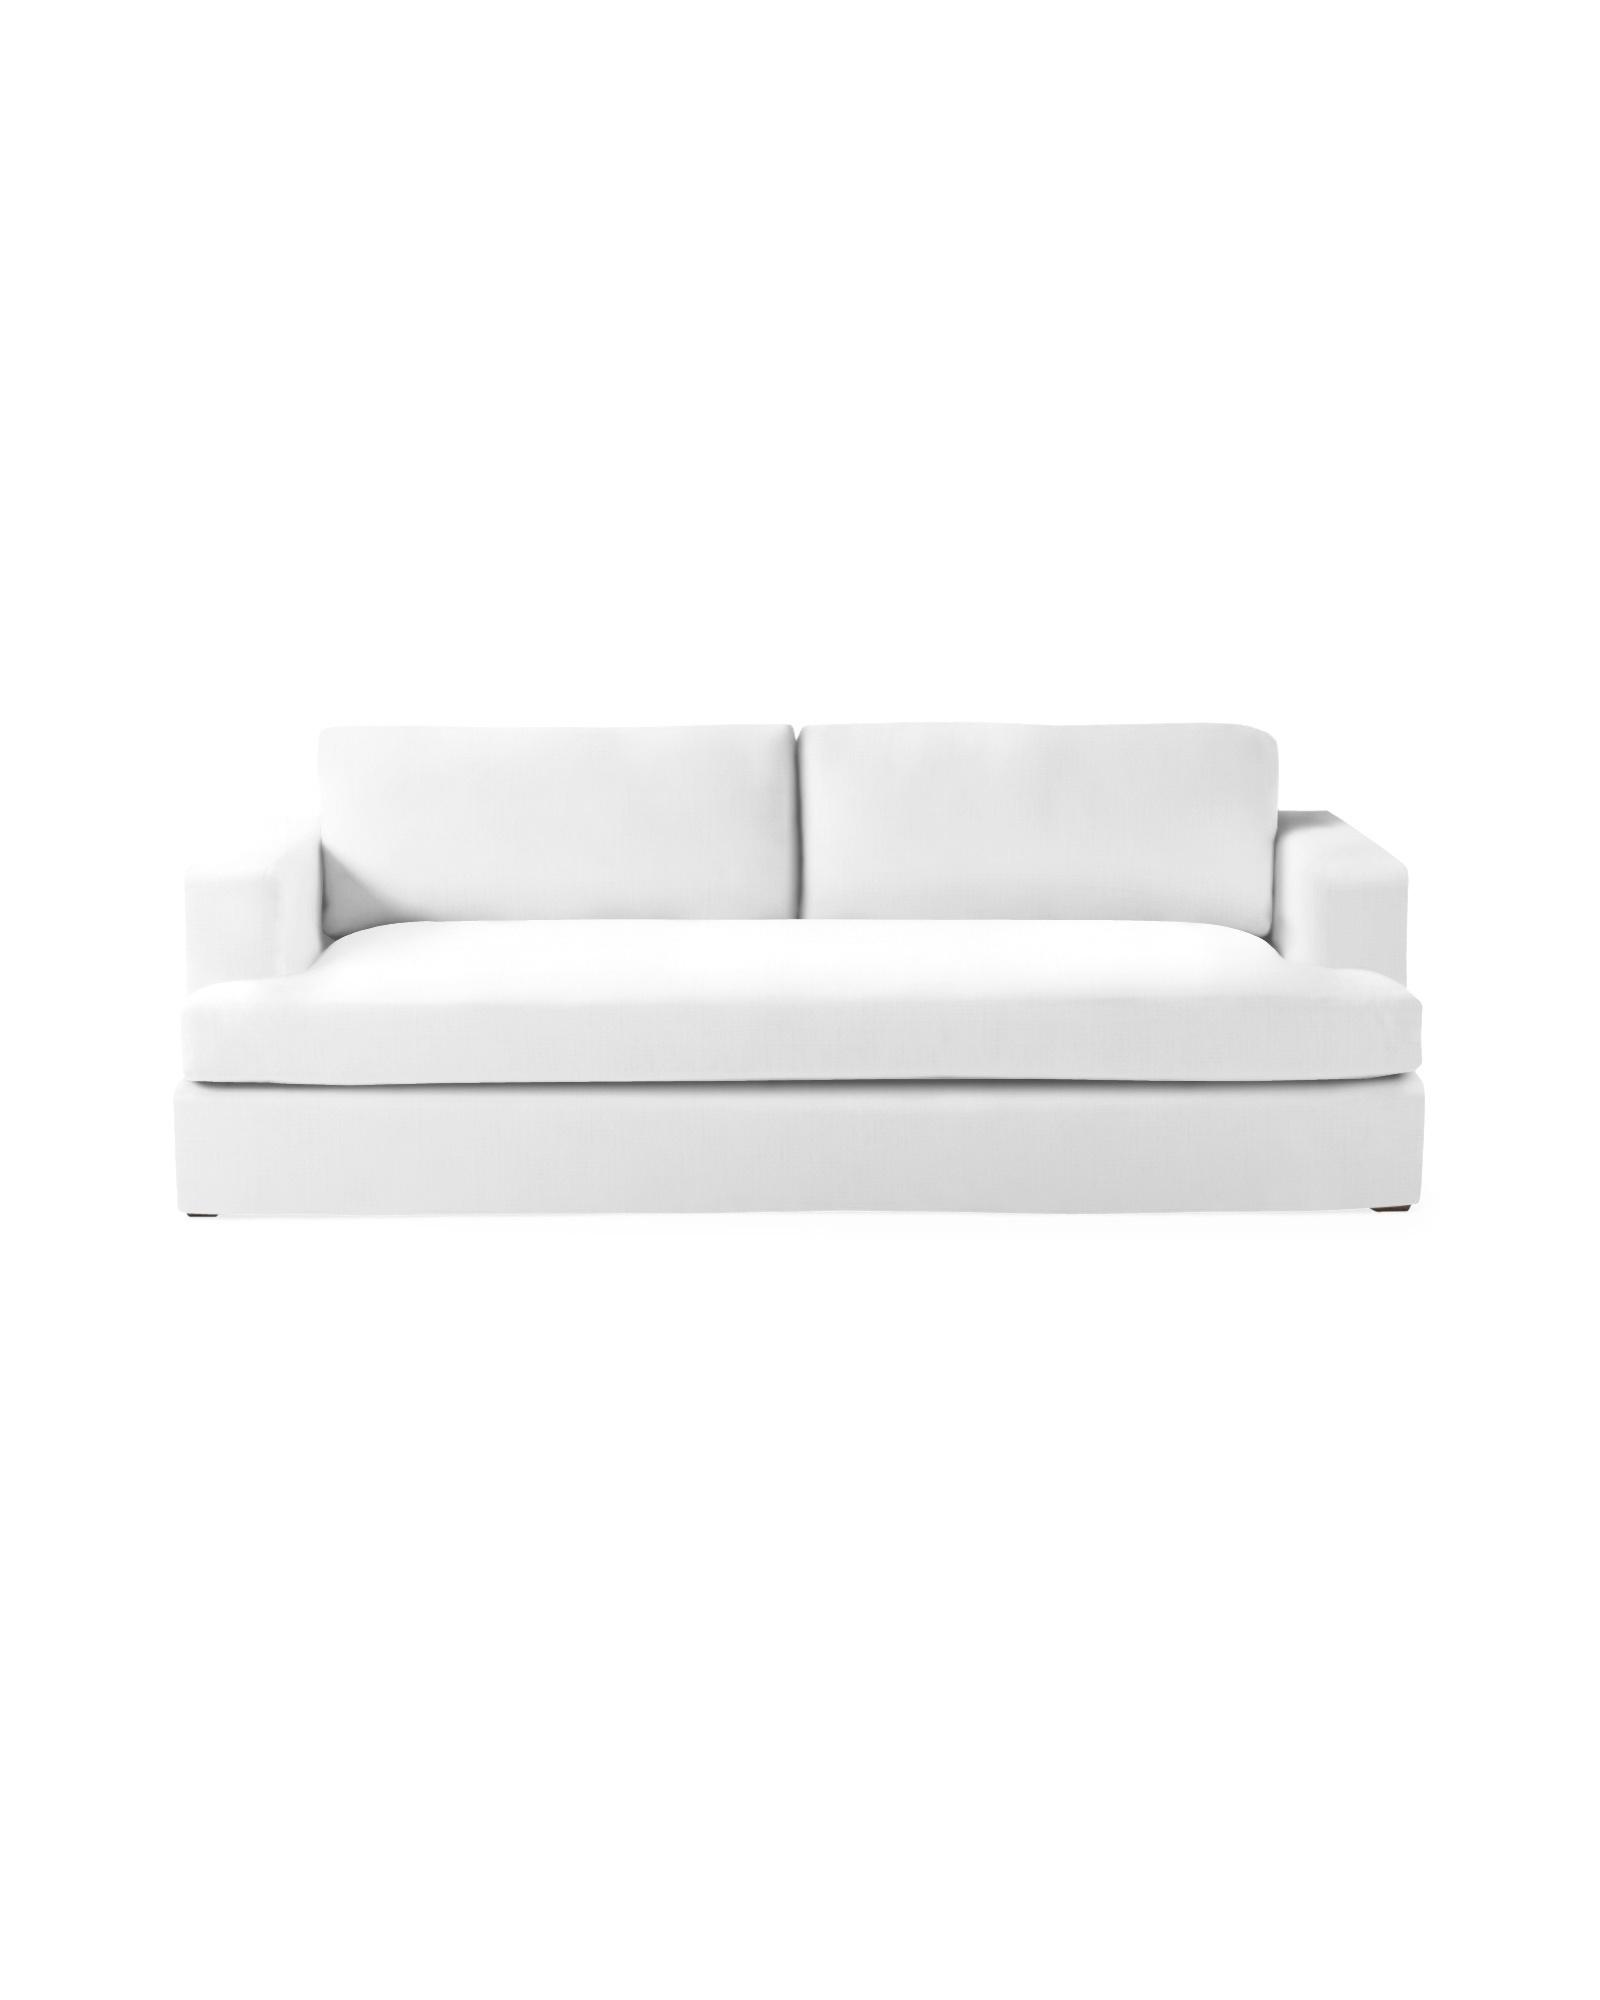 Norfolk Sofa - Slipcovered